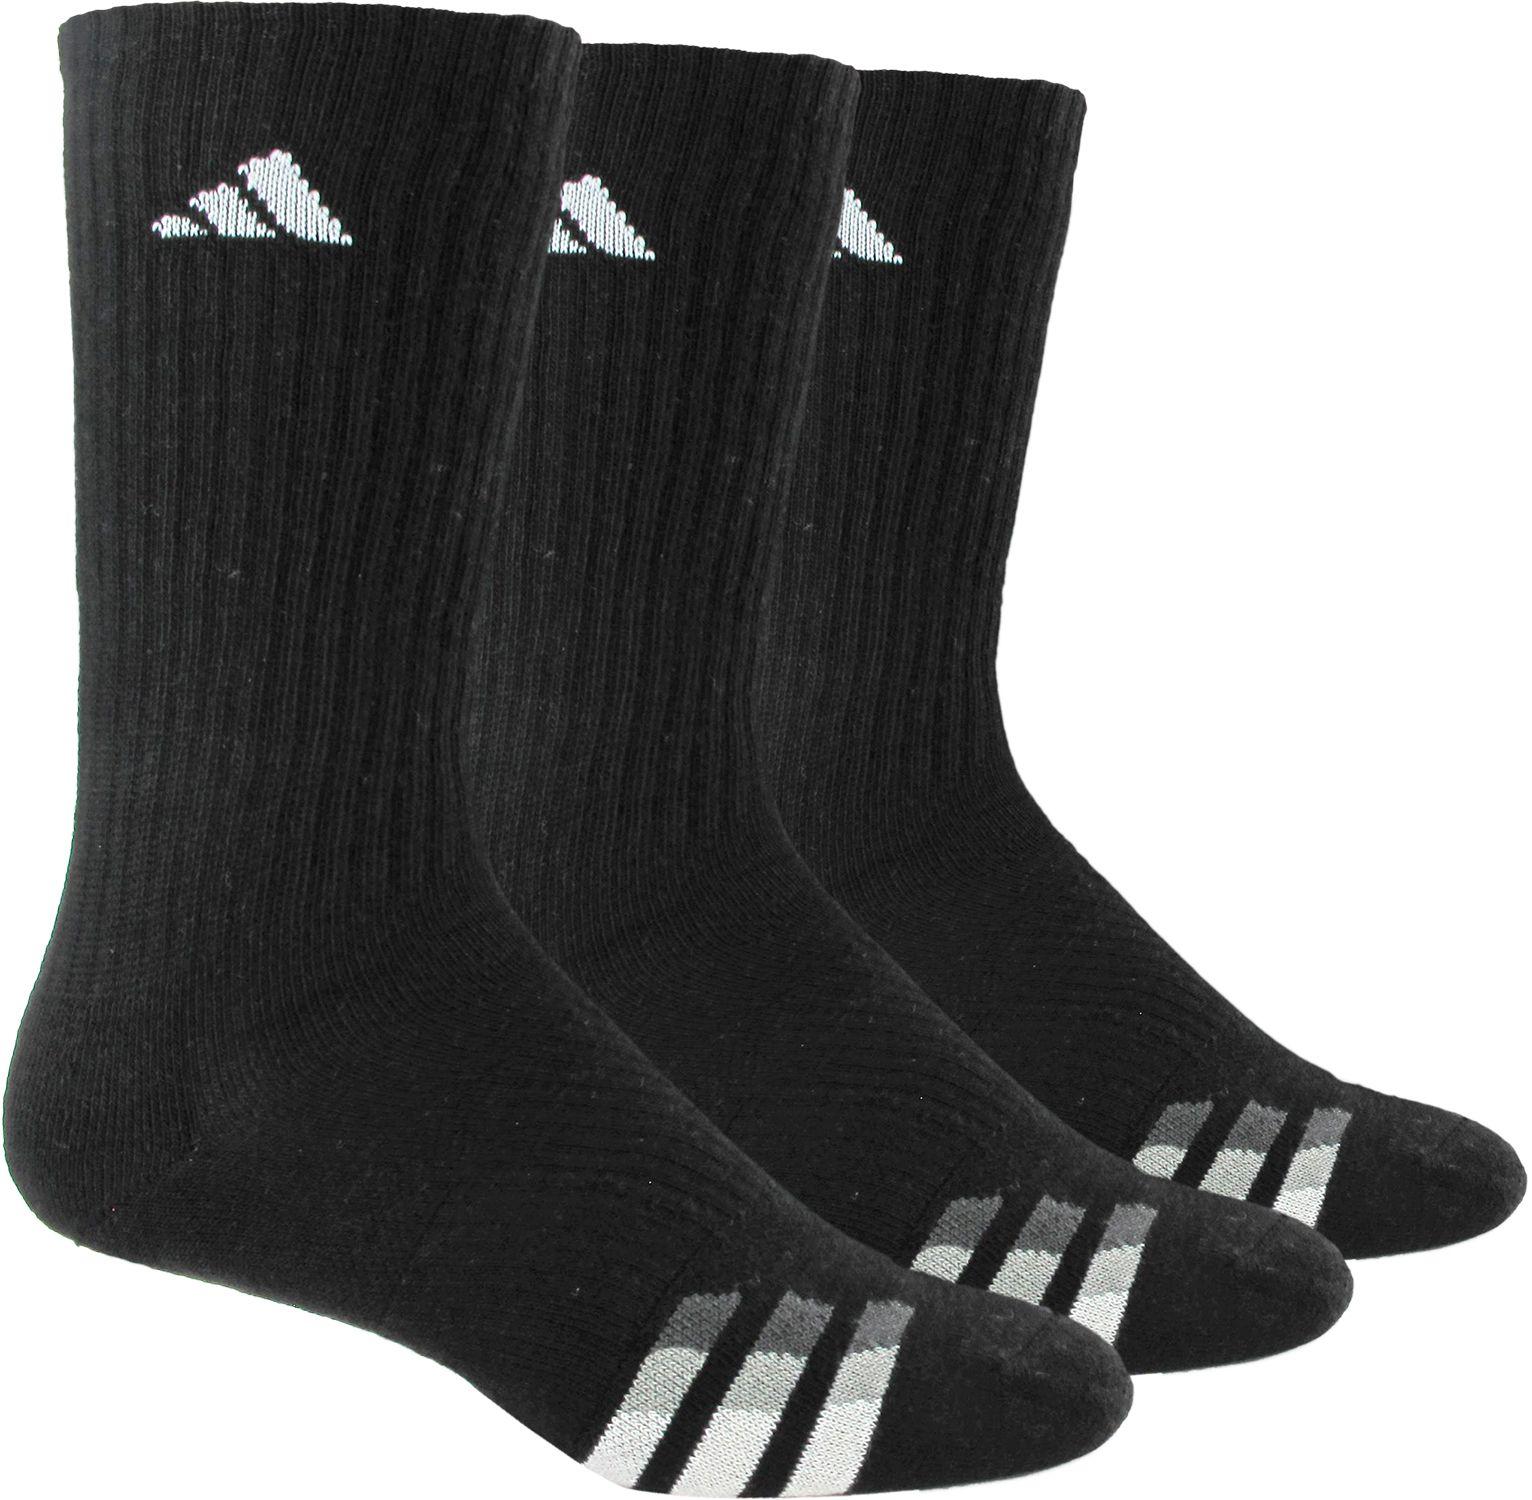 adidas socks noimagefound ??? AWTRTTY